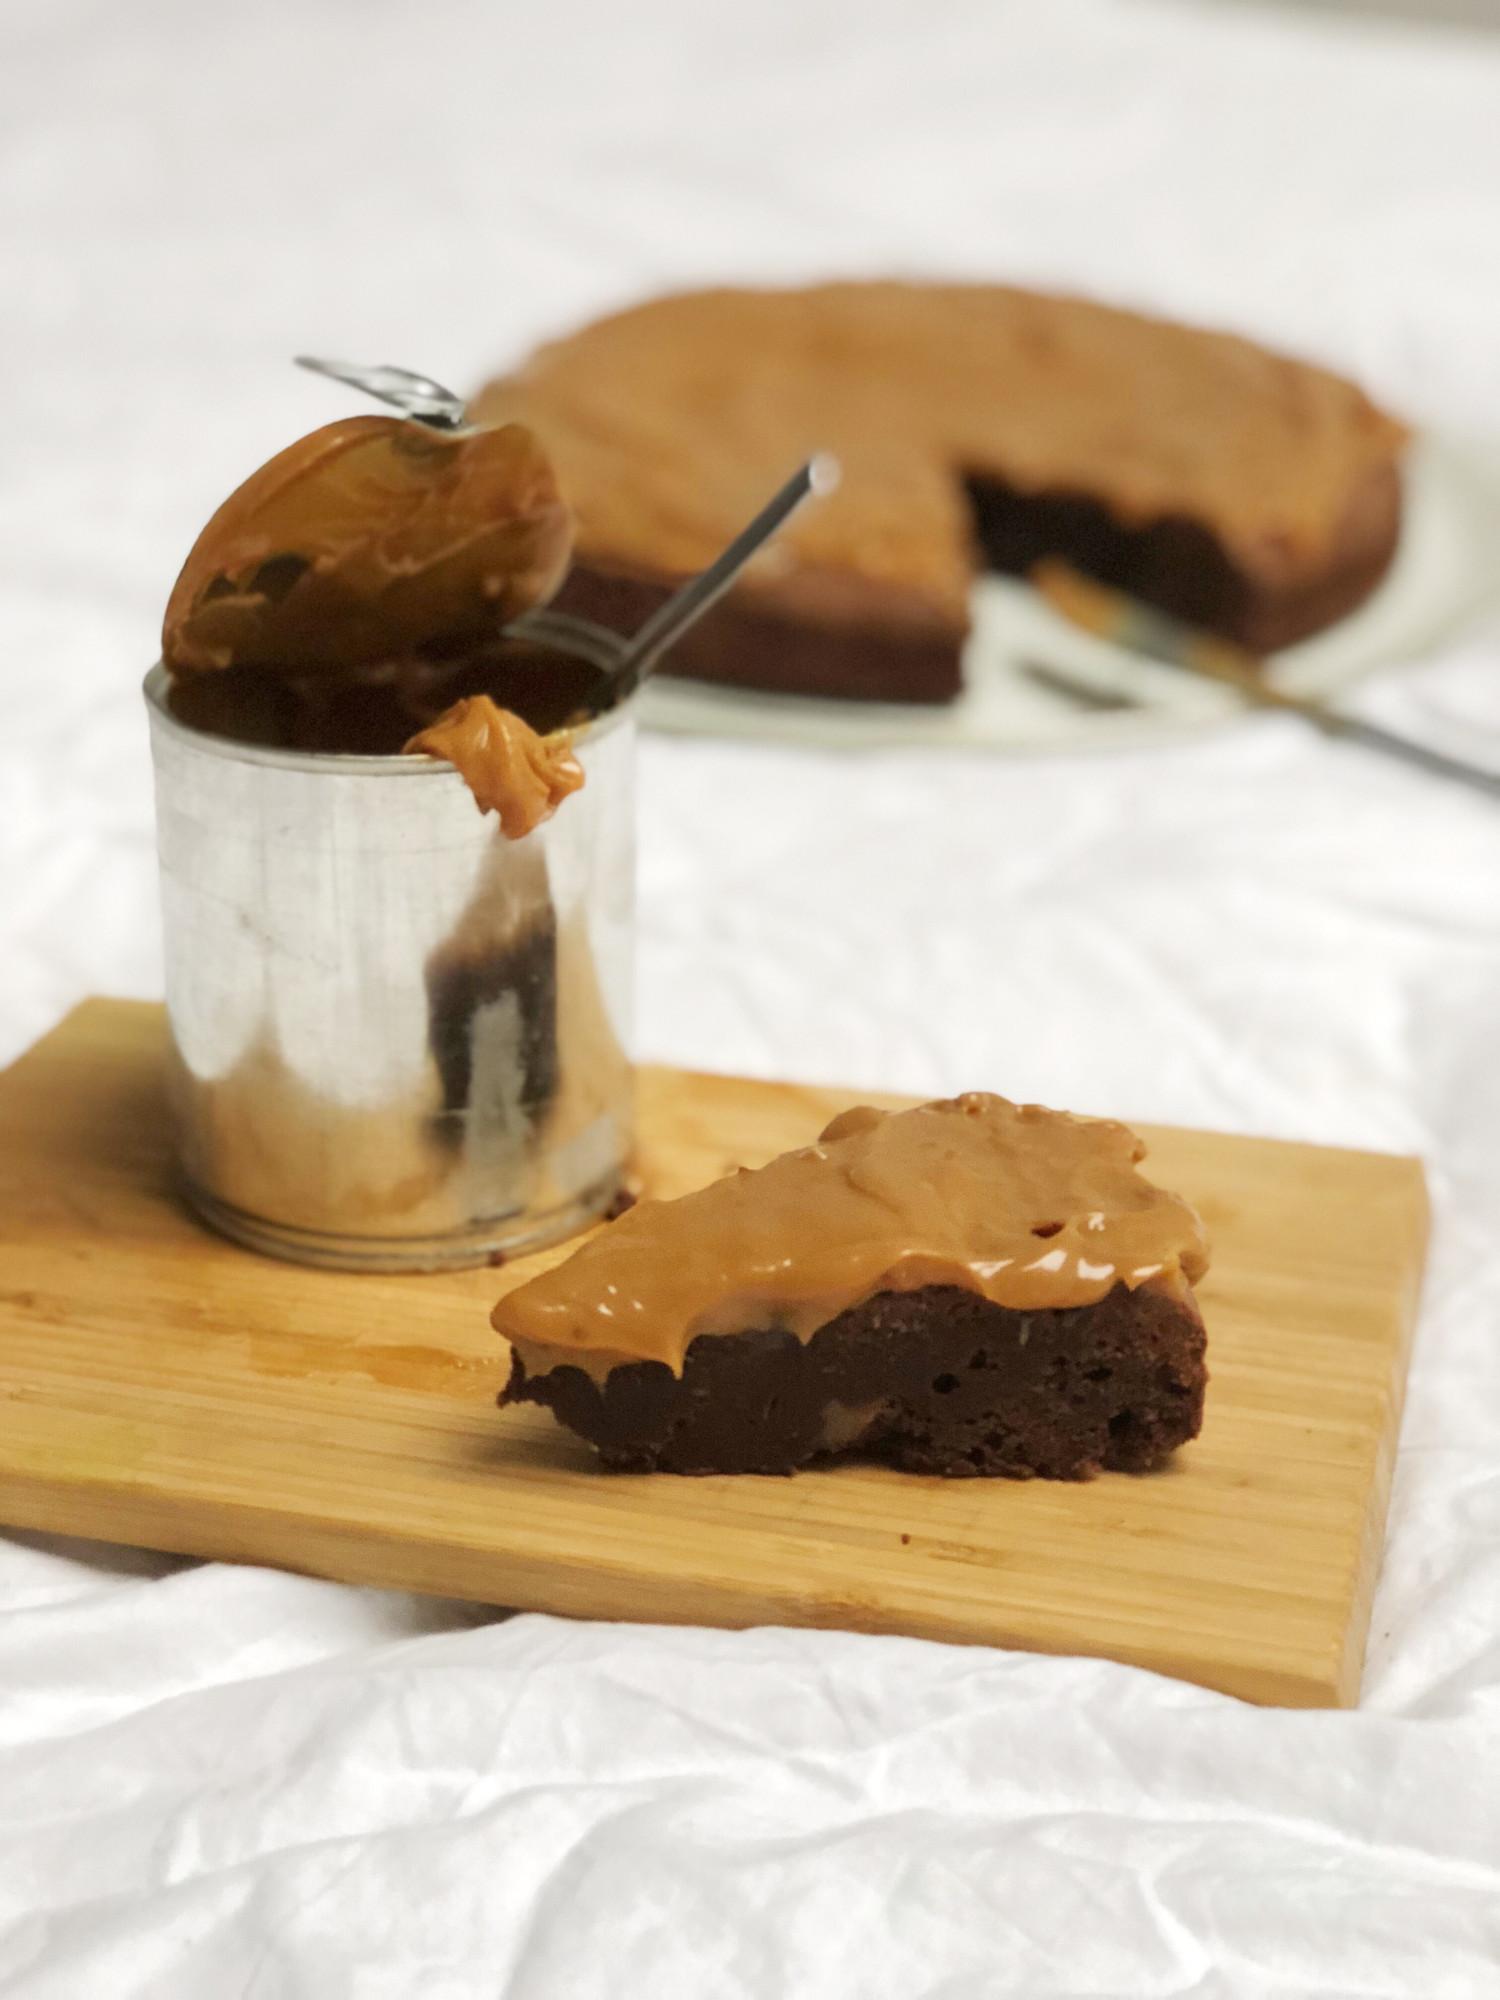 brownie med karamel og havsalt opskrift